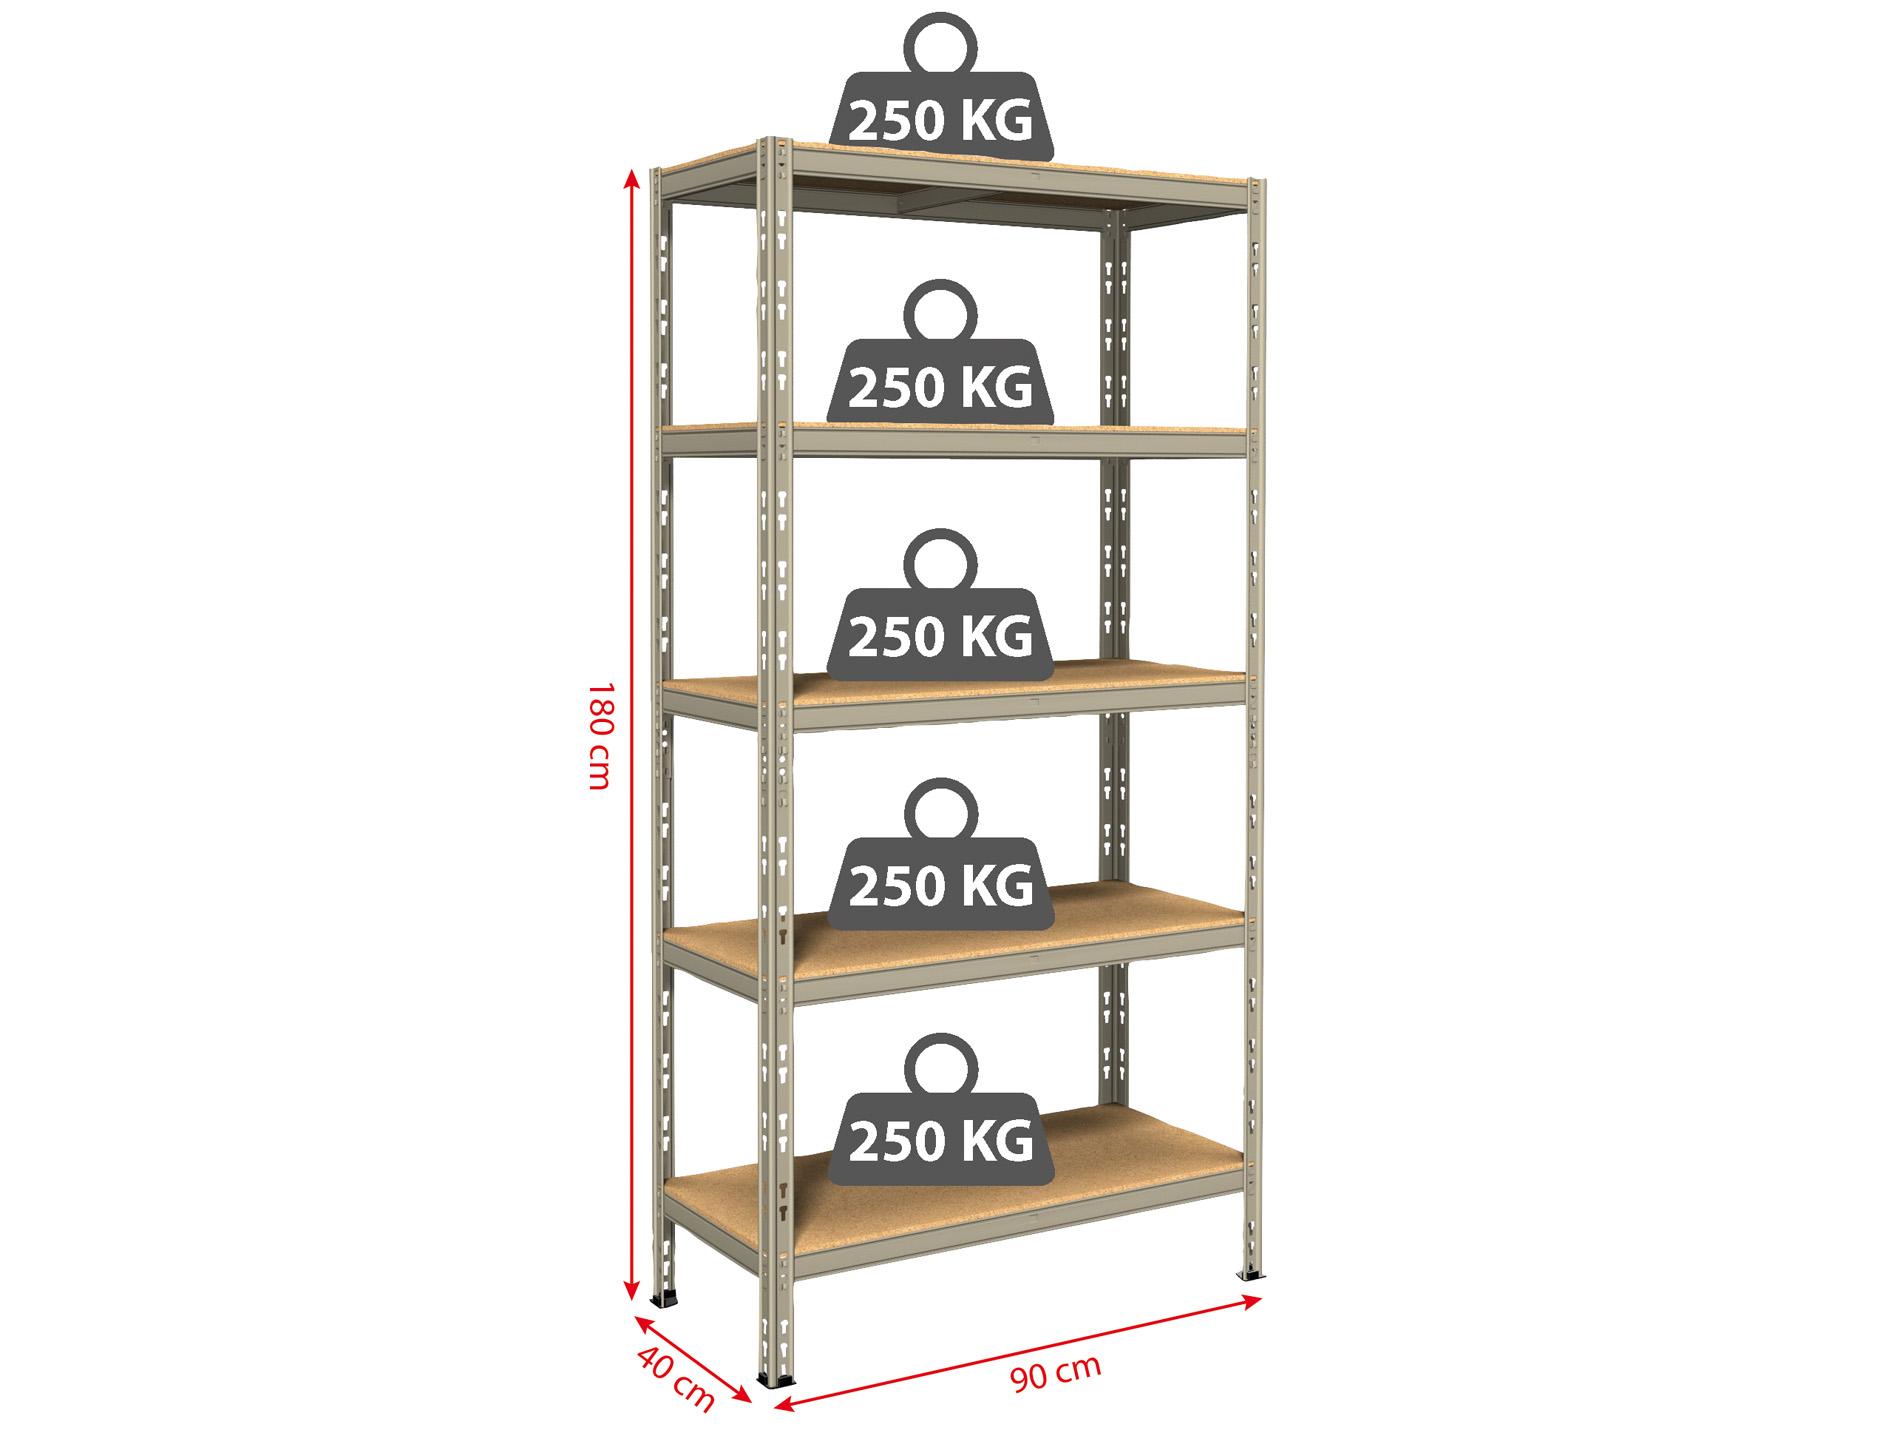 etag re m tal compacte 5 tablettes bricolage mat riaux. Black Bedroom Furniture Sets. Home Design Ideas